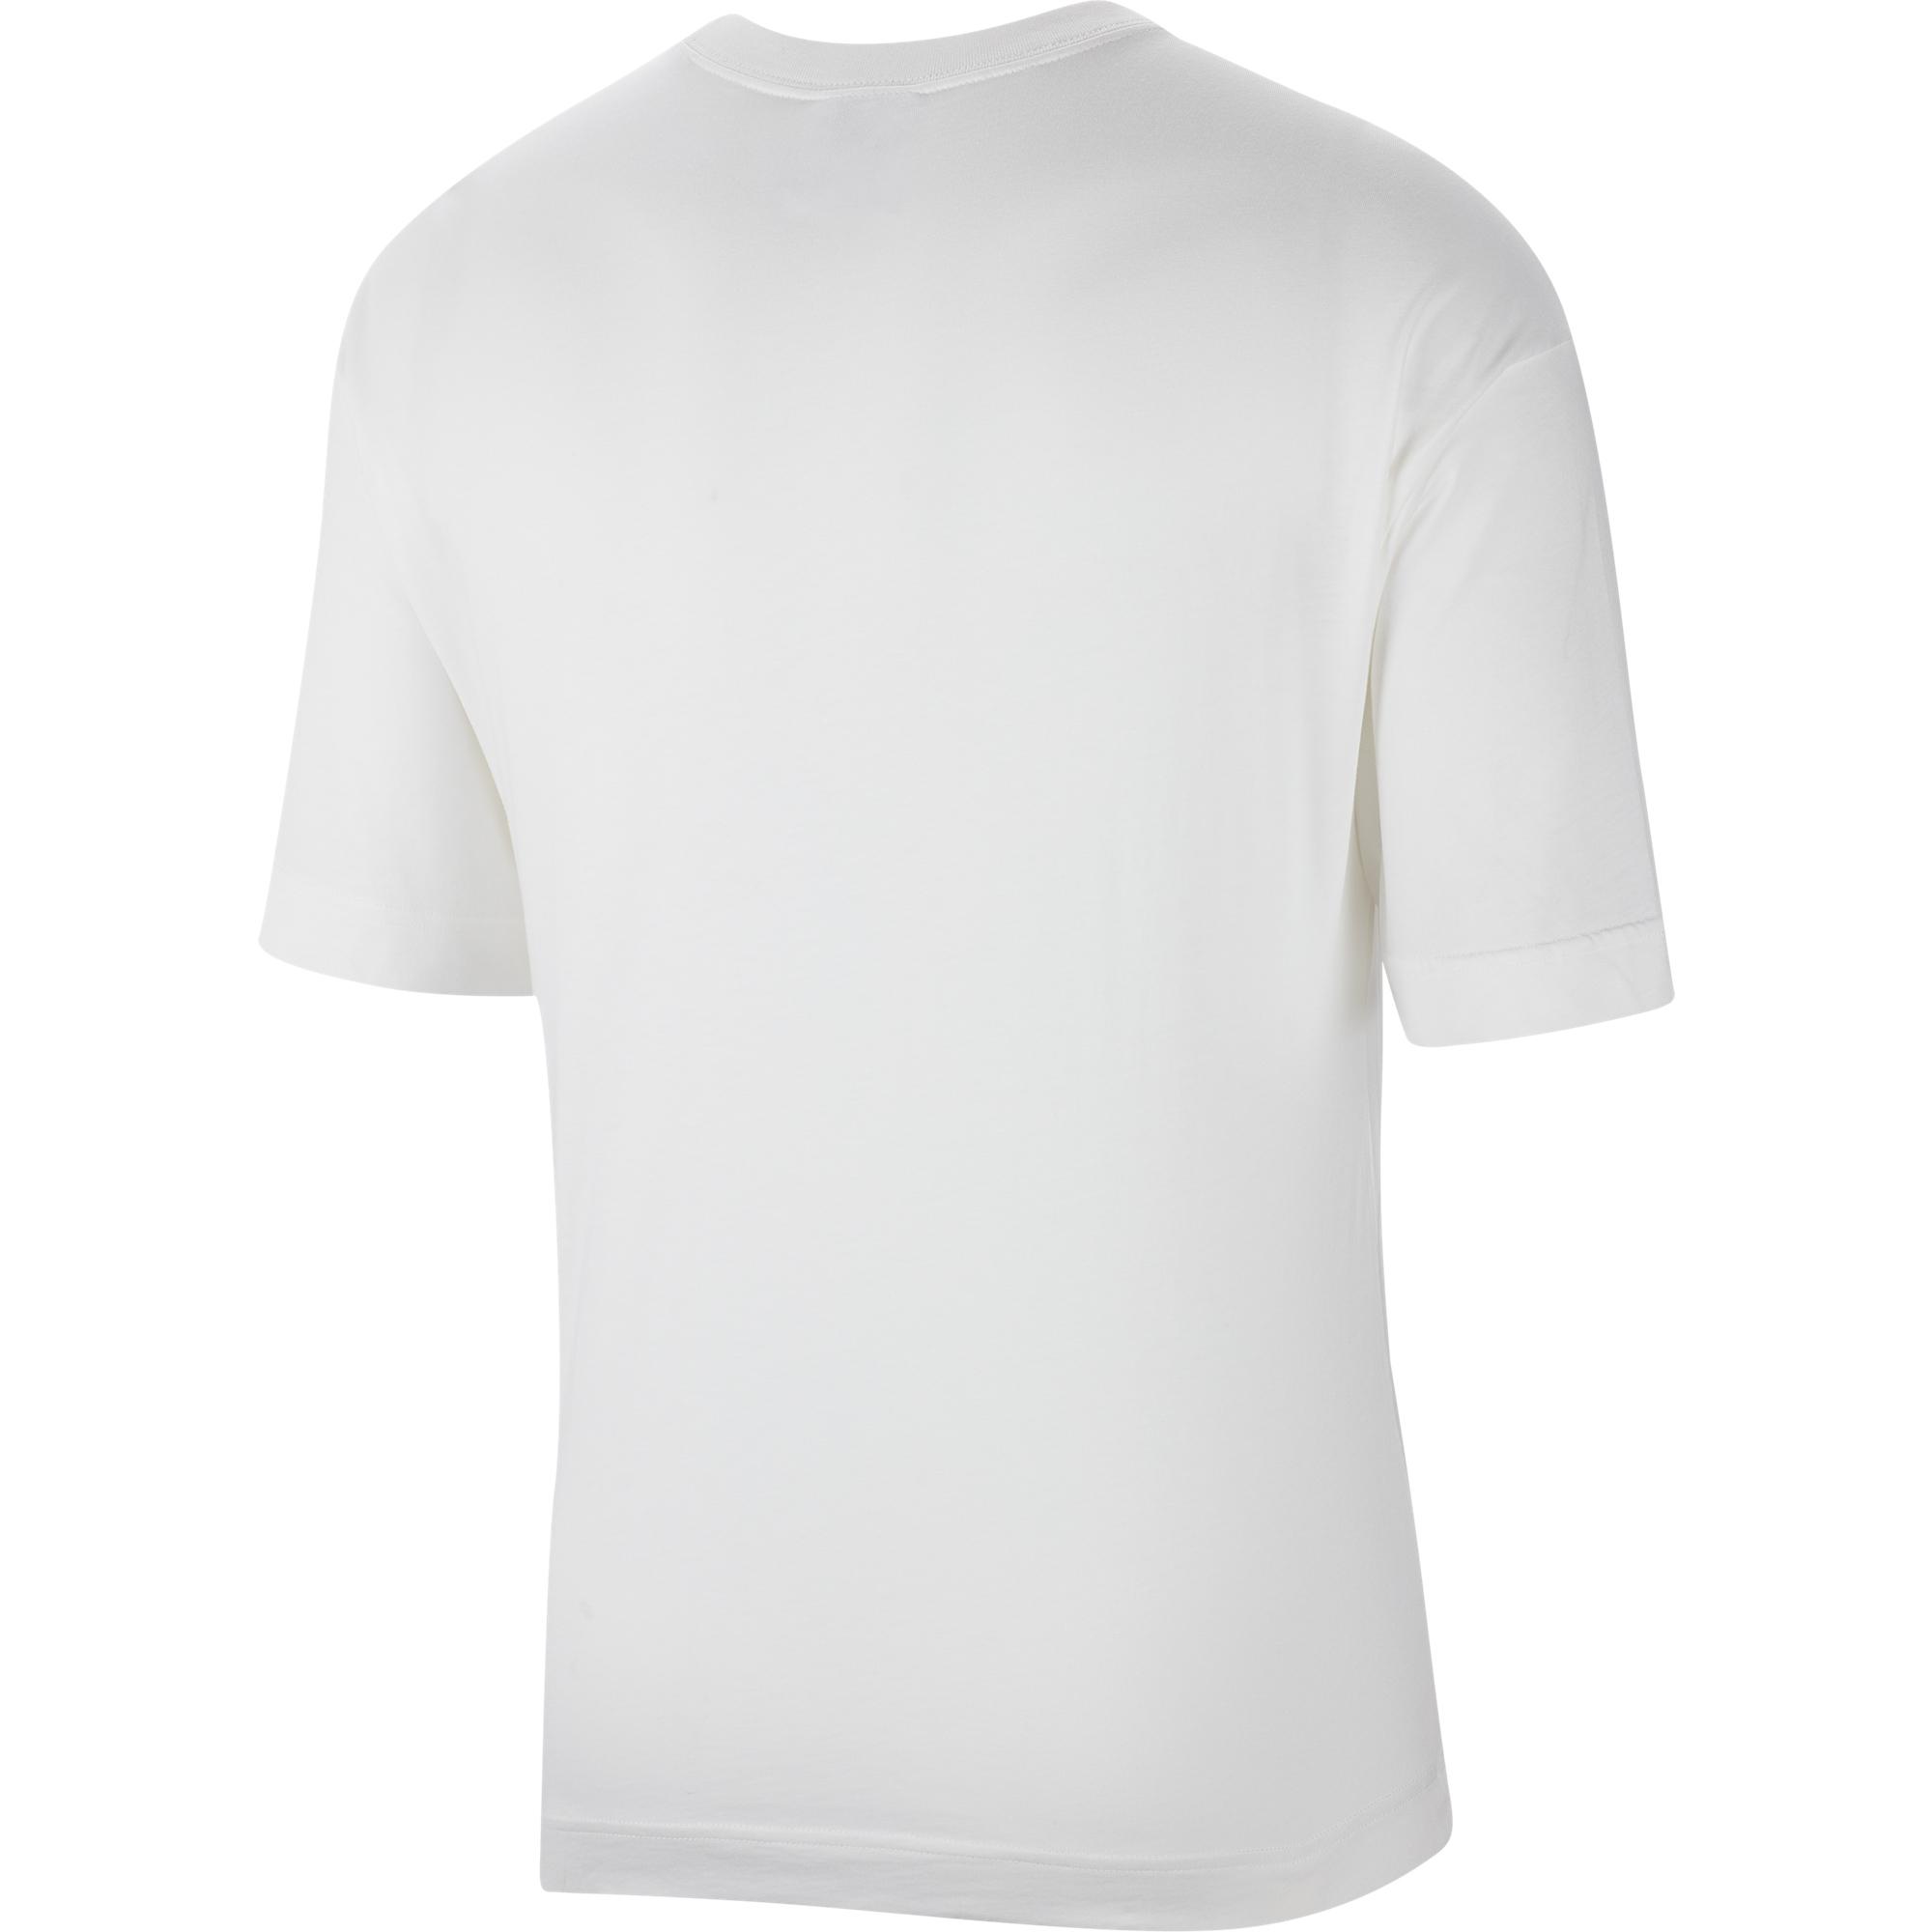 Nike Sportswear Air Kadın Beyaz T-Shirt